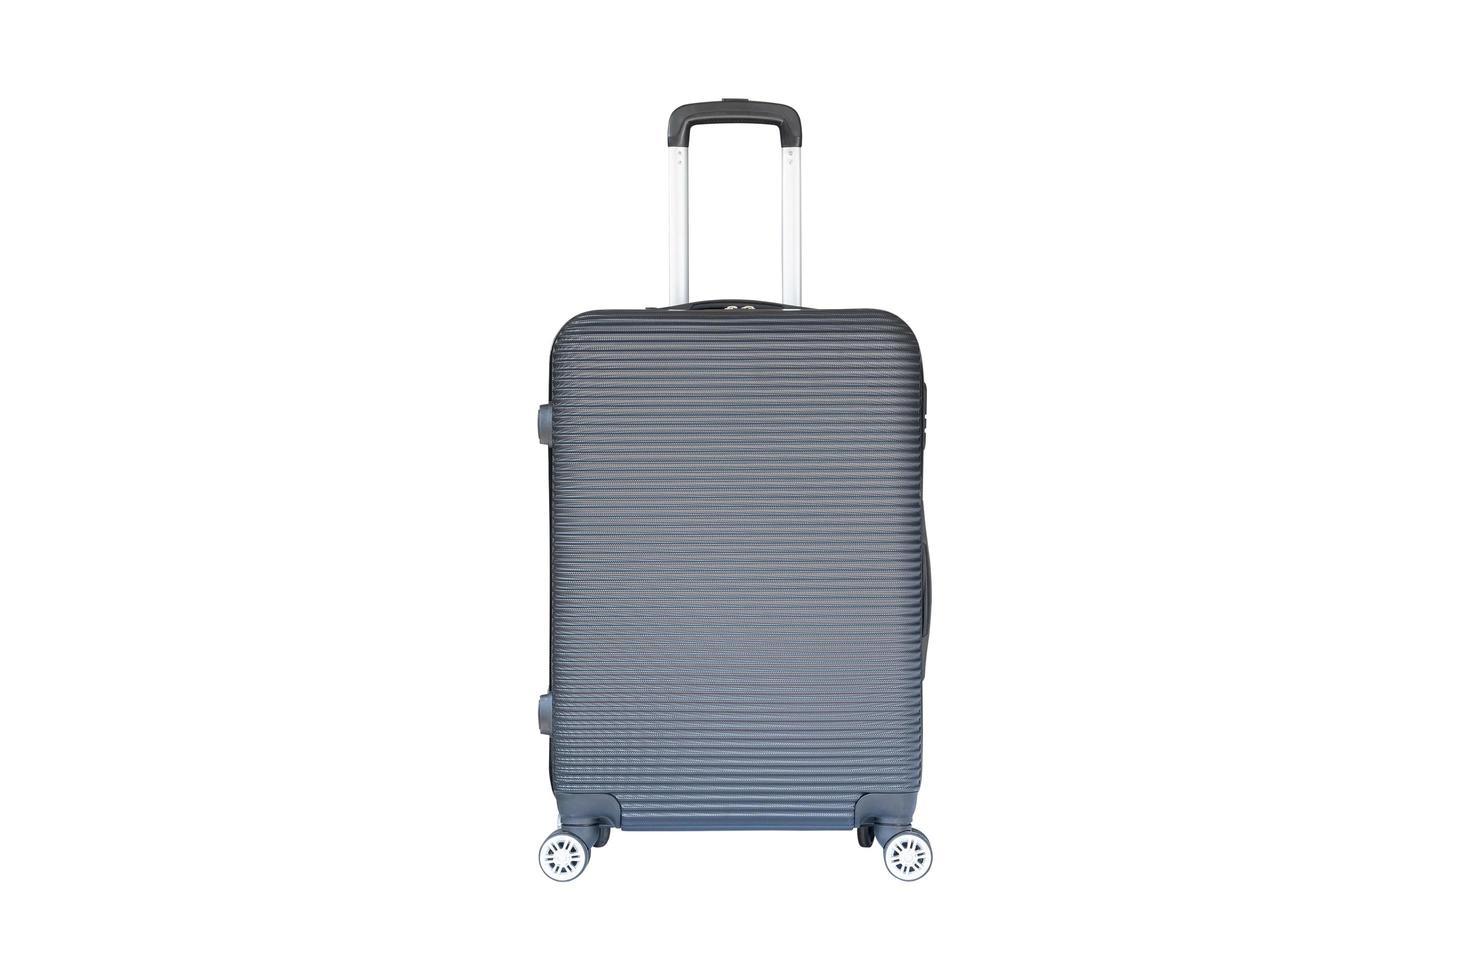 valise grise à roulettes photo